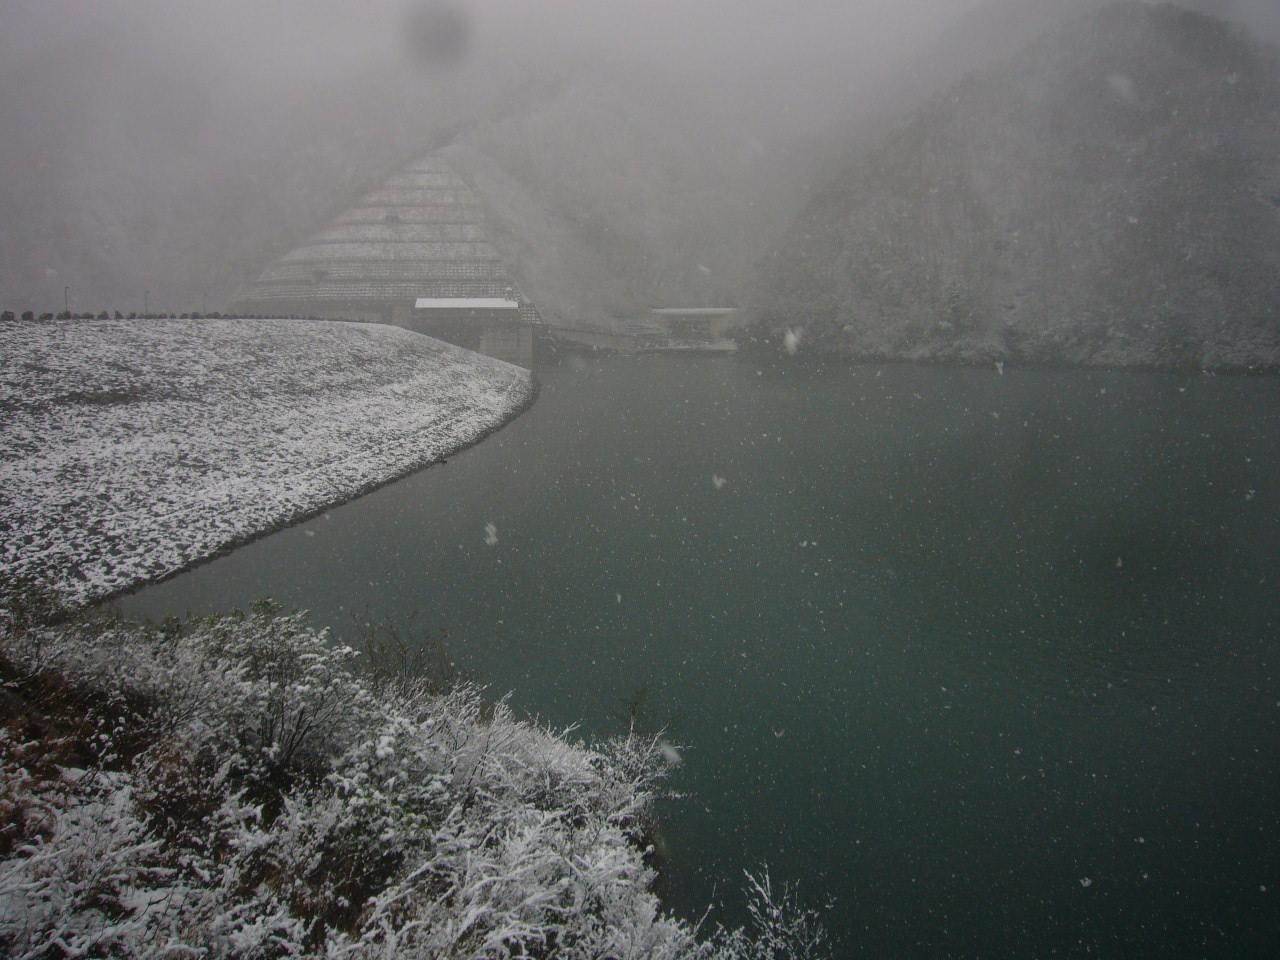 雪の徳山ダム水面 H26.12.02